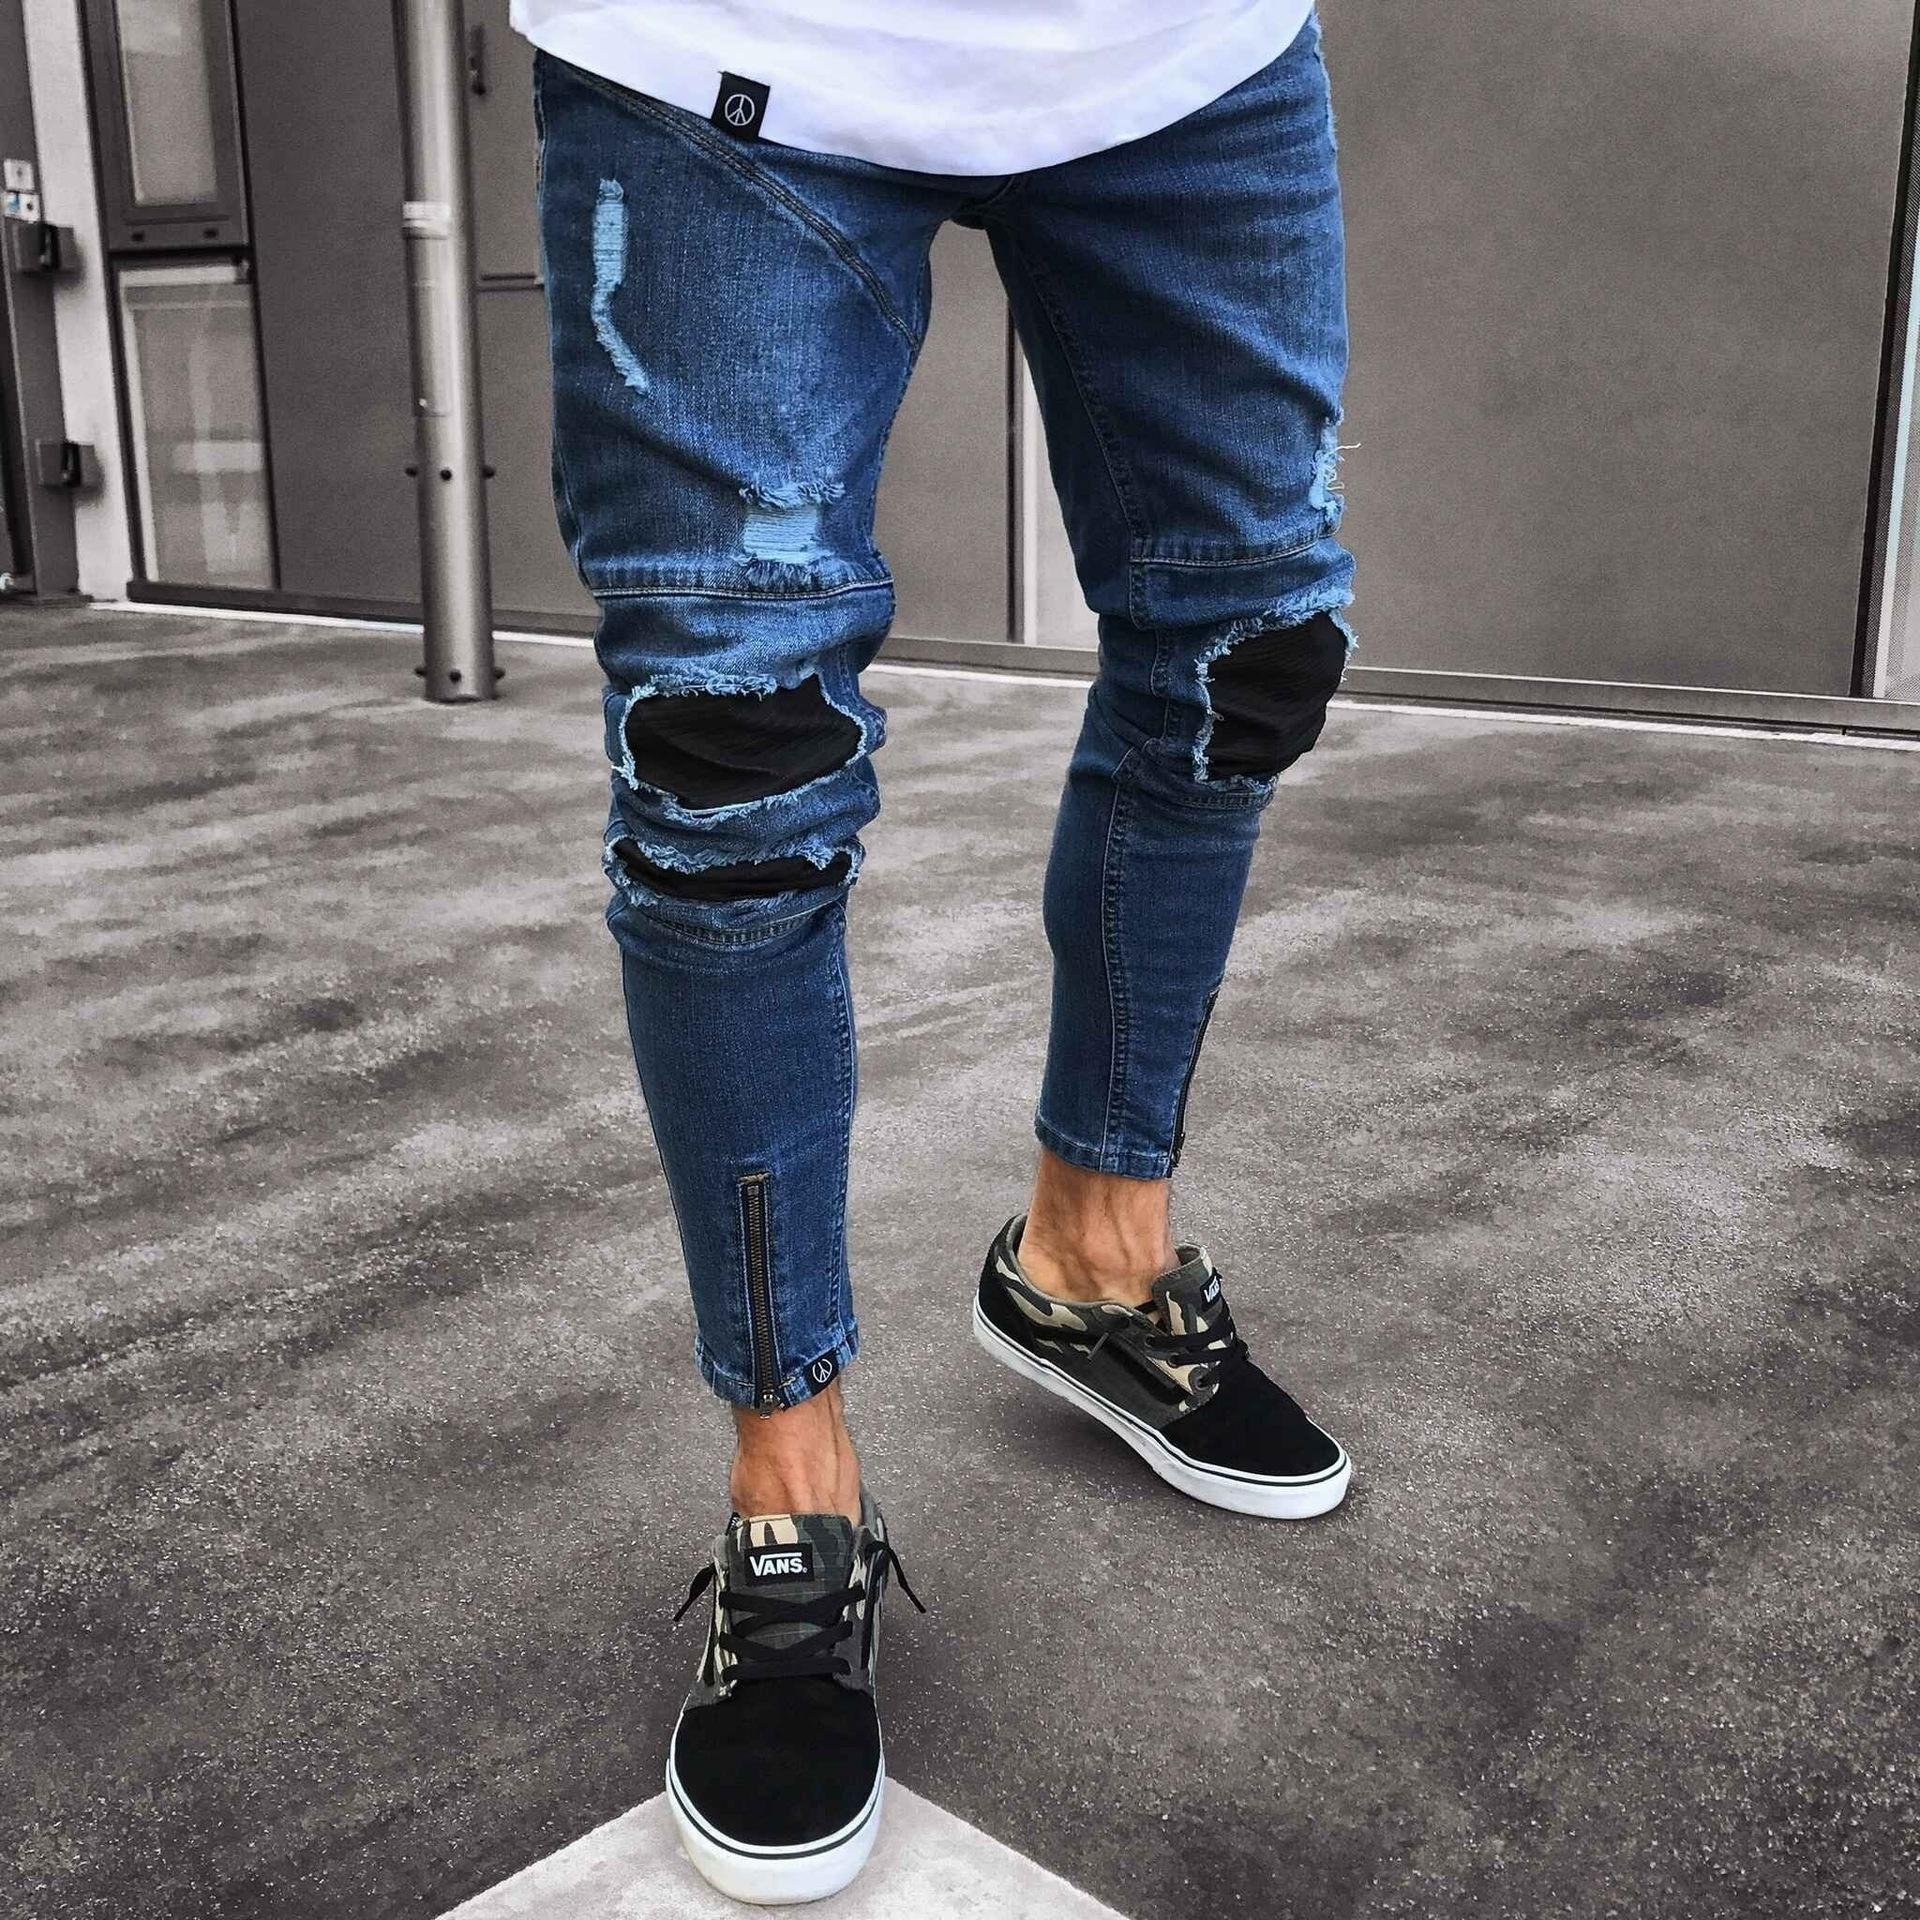 JH Denim Hosen Hip Hop Men Jeans europäische und amerikanische Männer Jeans Neue Stretch Slim Füße Jogger Hose